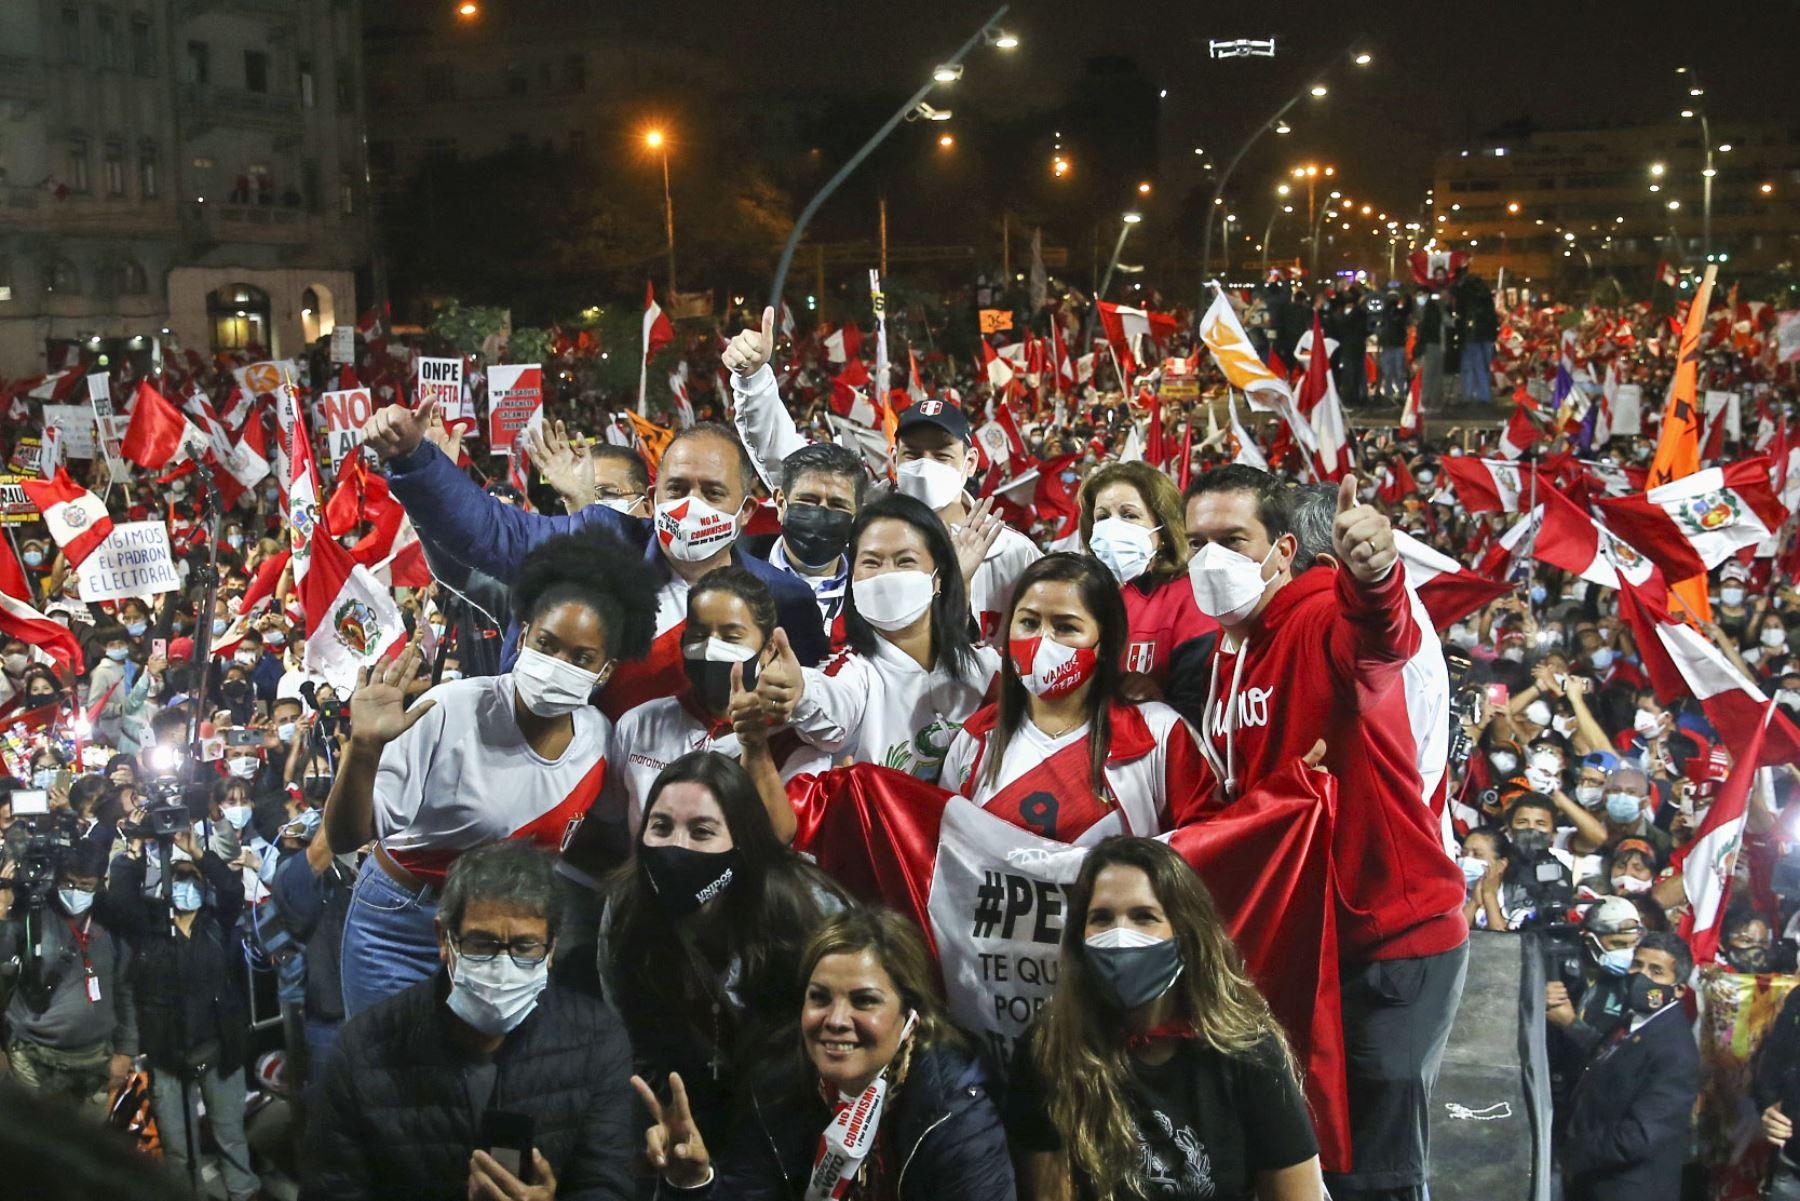 Candidata Keiko Fujimori y simpatizantes de Fuerza Popular participan en mitin en la alameda 28 de Julio, en el Cercado de Lima. Foto: ANDINA/Vidal Tarqui.